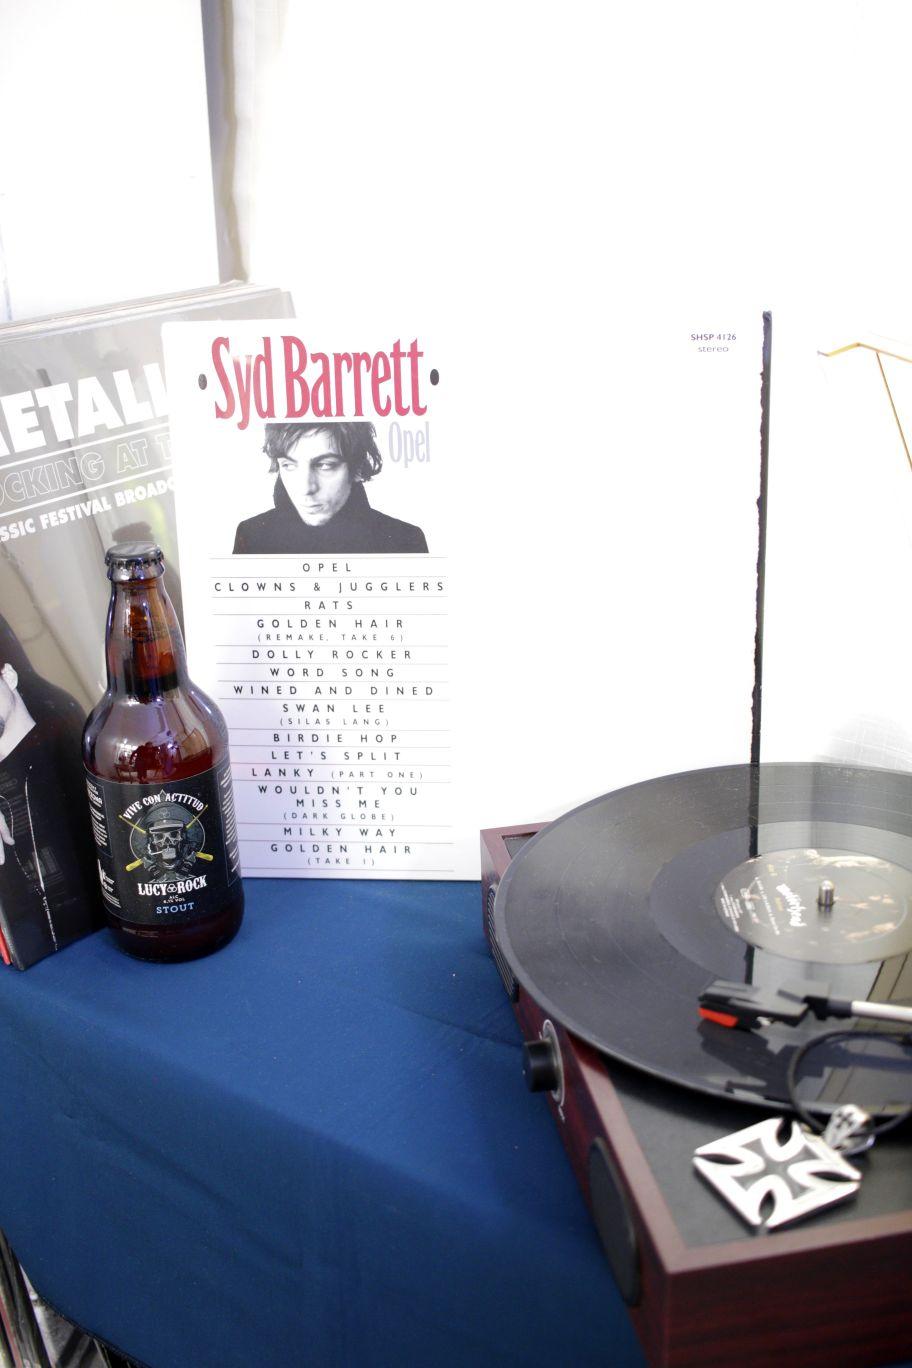 VINILO SYD BARRET OPEL (180GR)